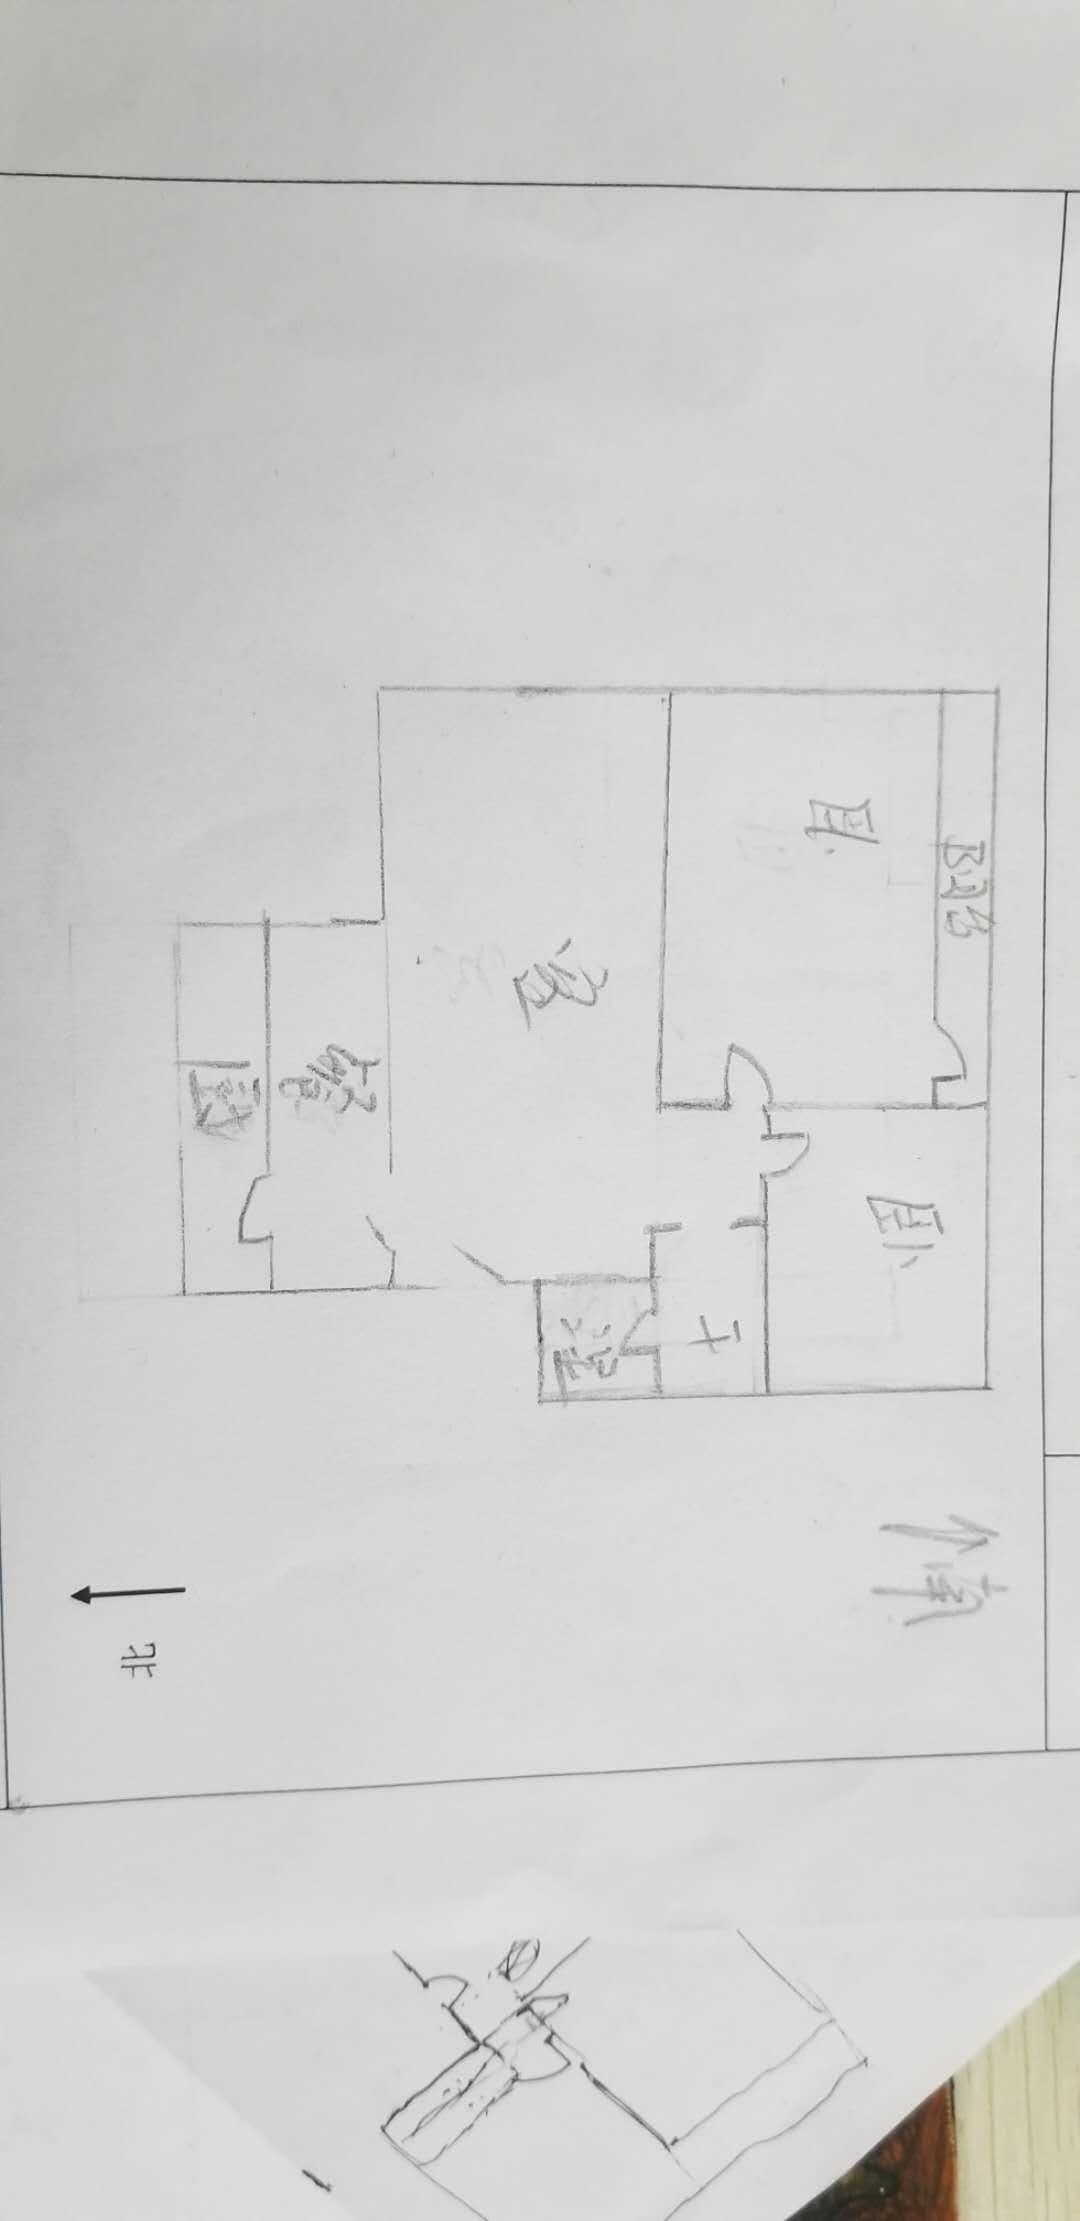 农业银行宿舍 2室2厅 6楼